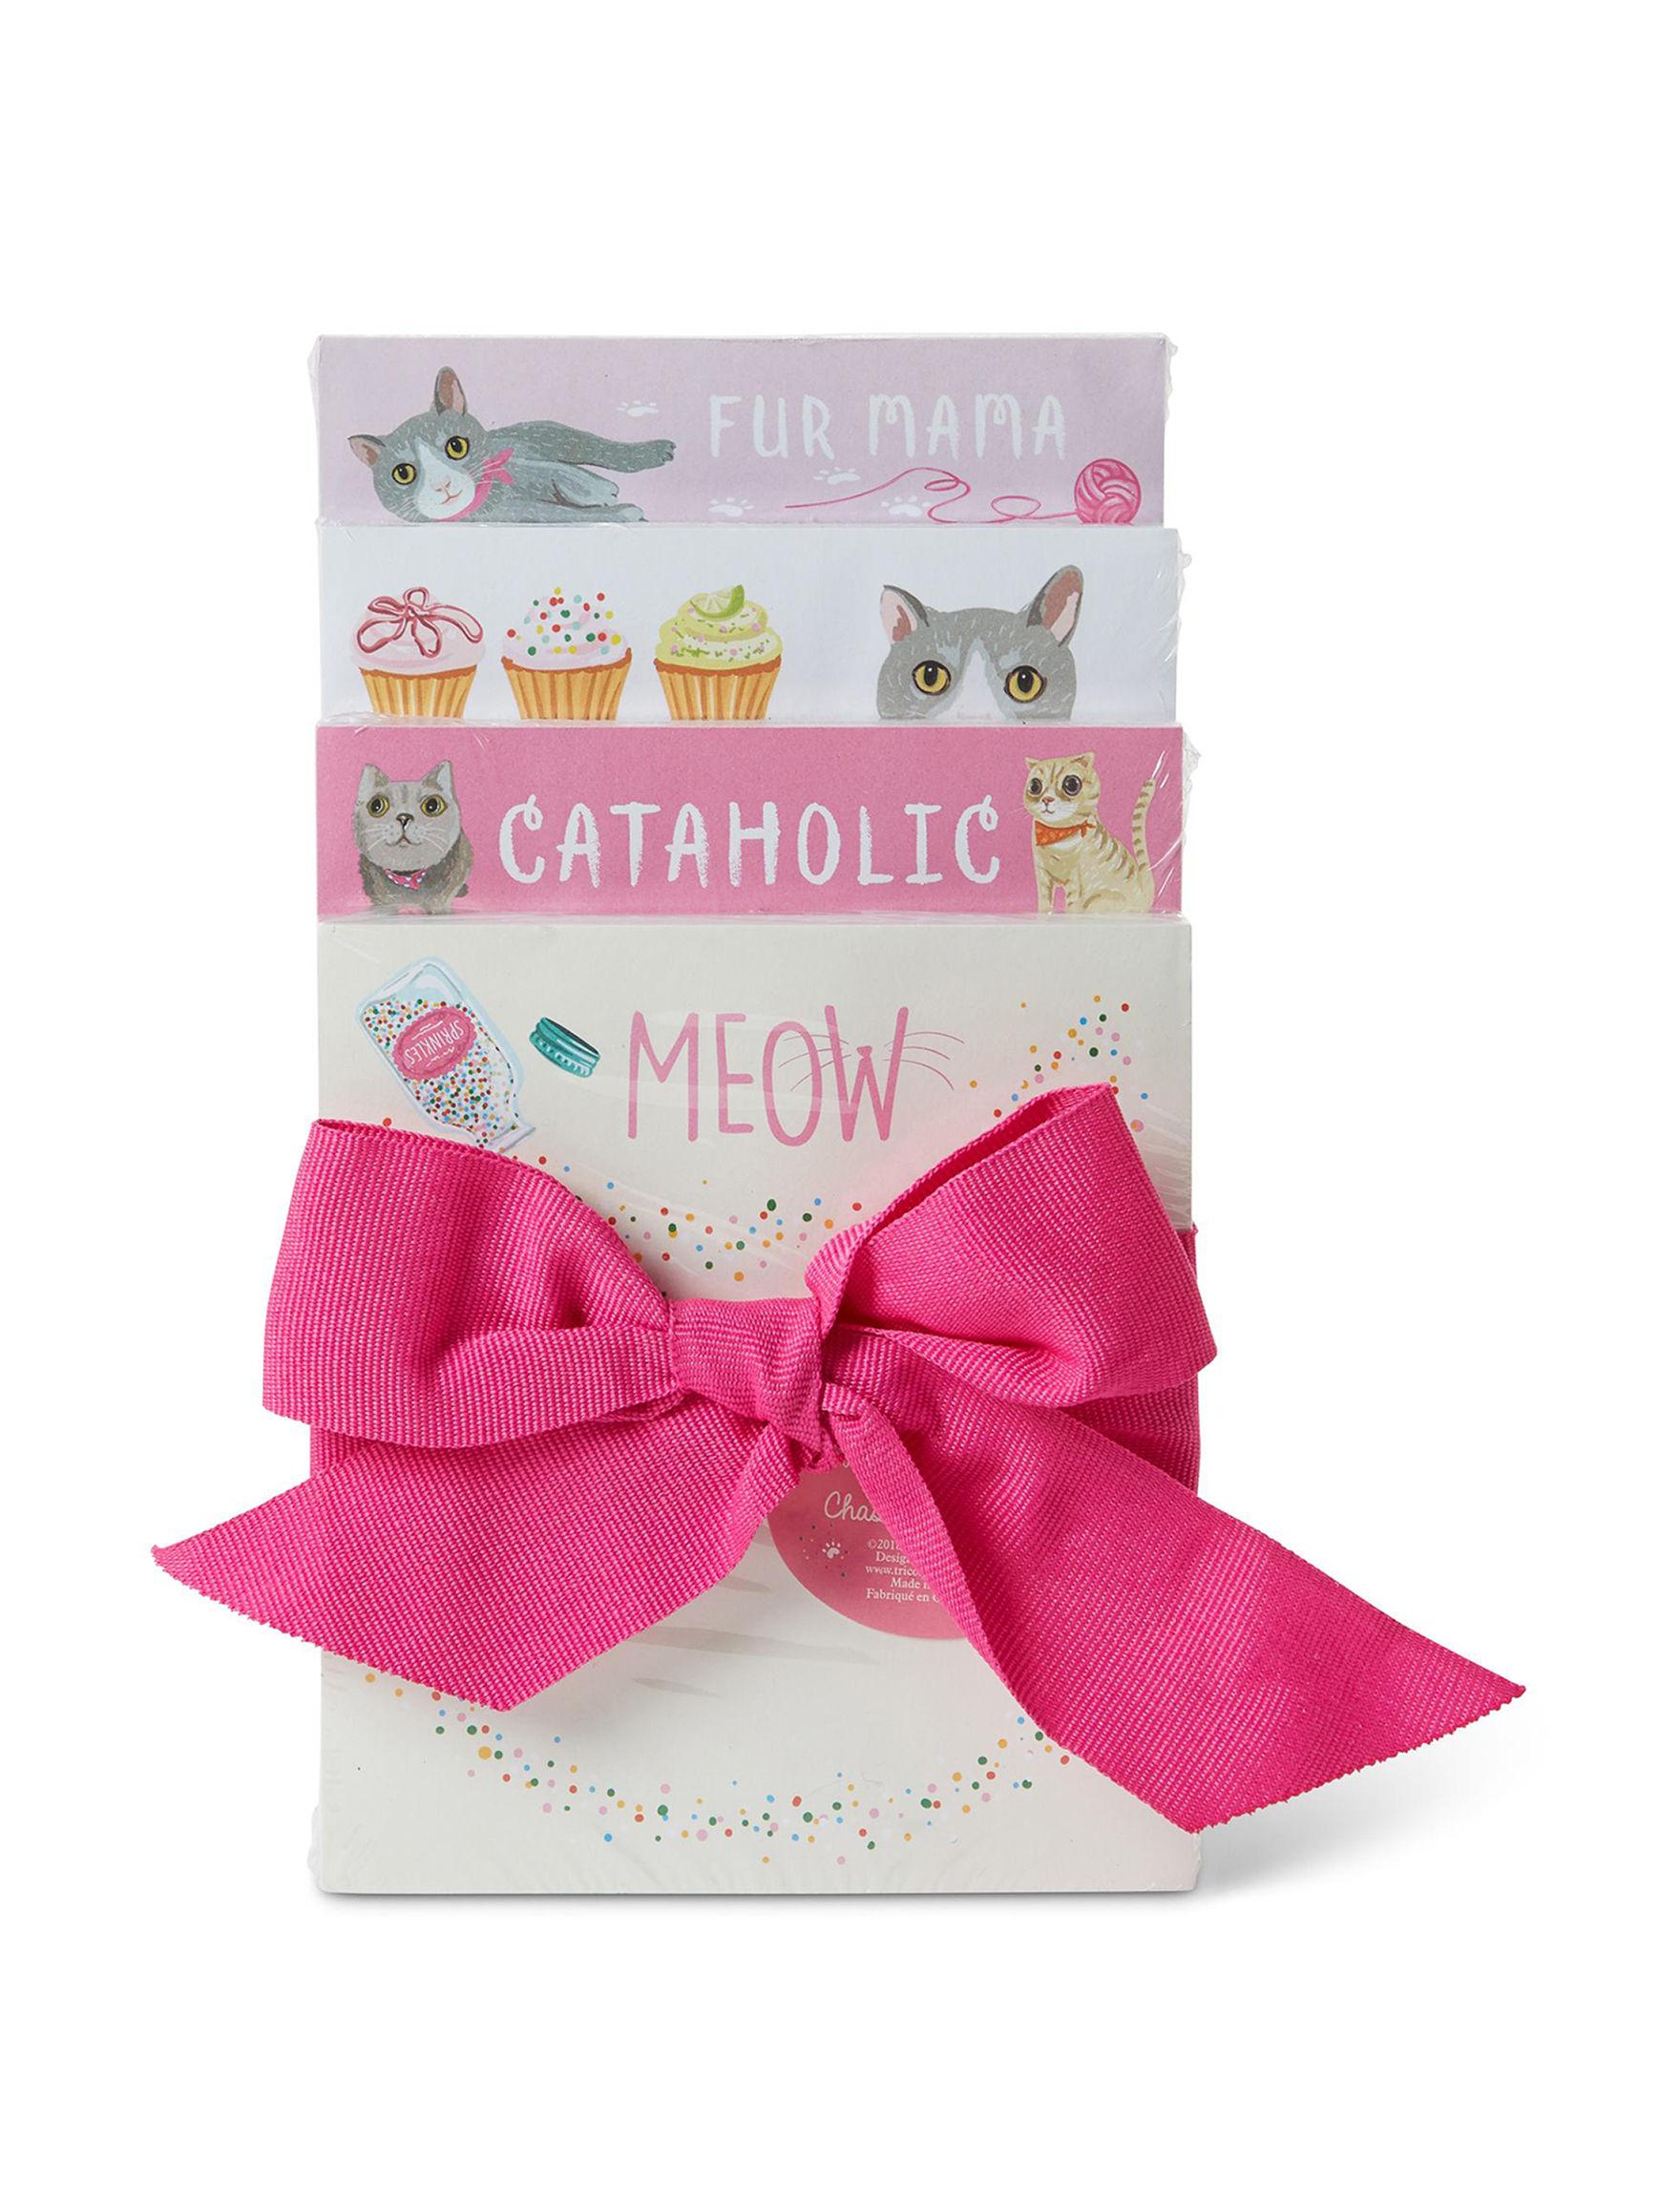 Tri Coastal White / Pink Journals & Notepads School & Office Supplies